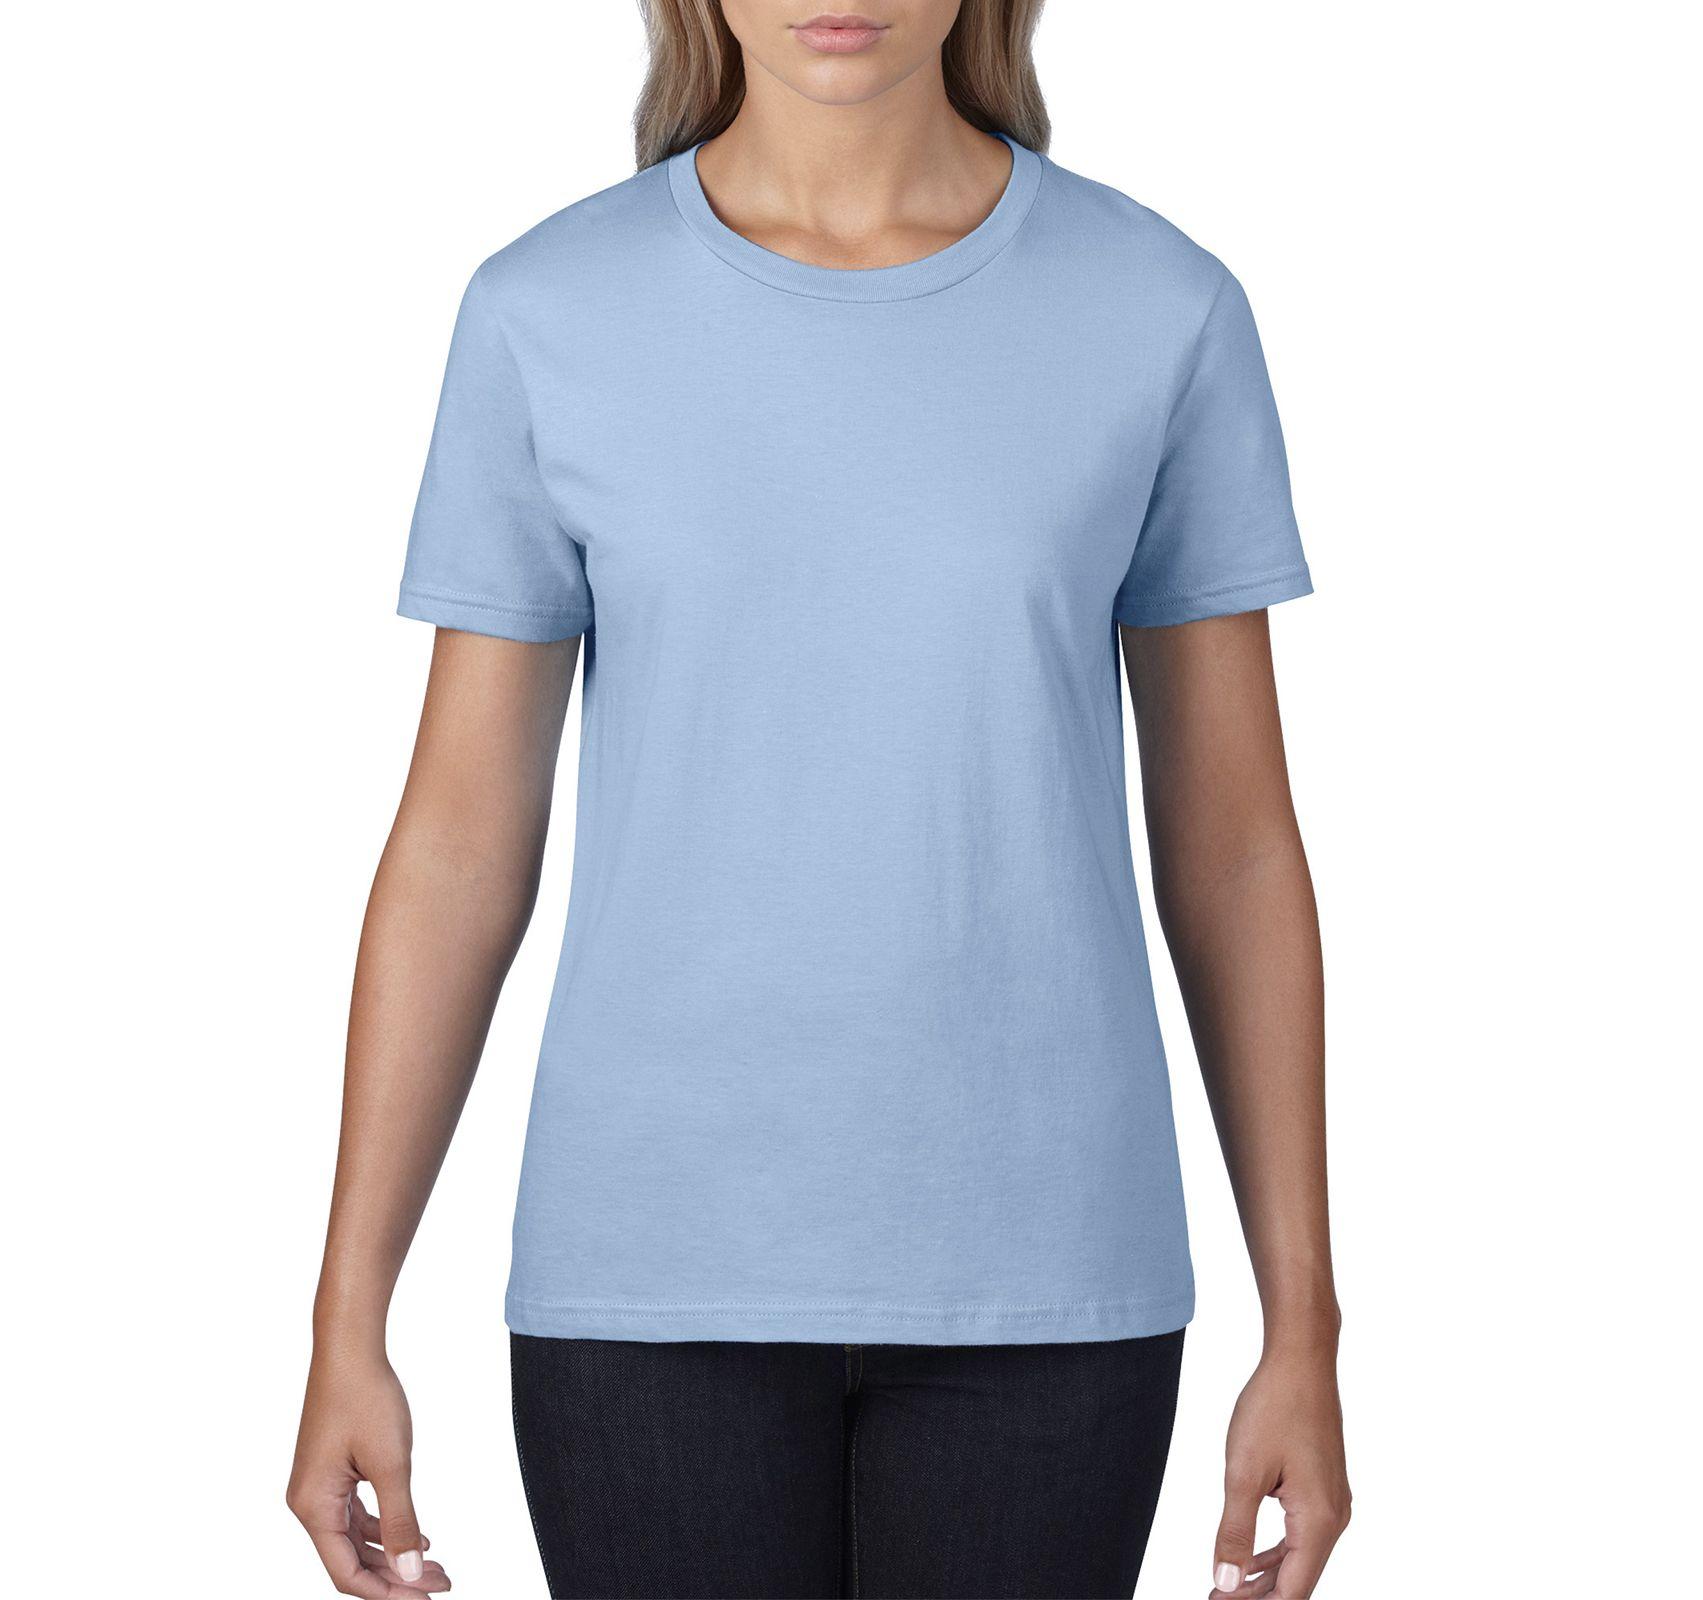 Одяг    Футболки    Футболка жіноча Premium Cotton 185 e1f363a50a2a6